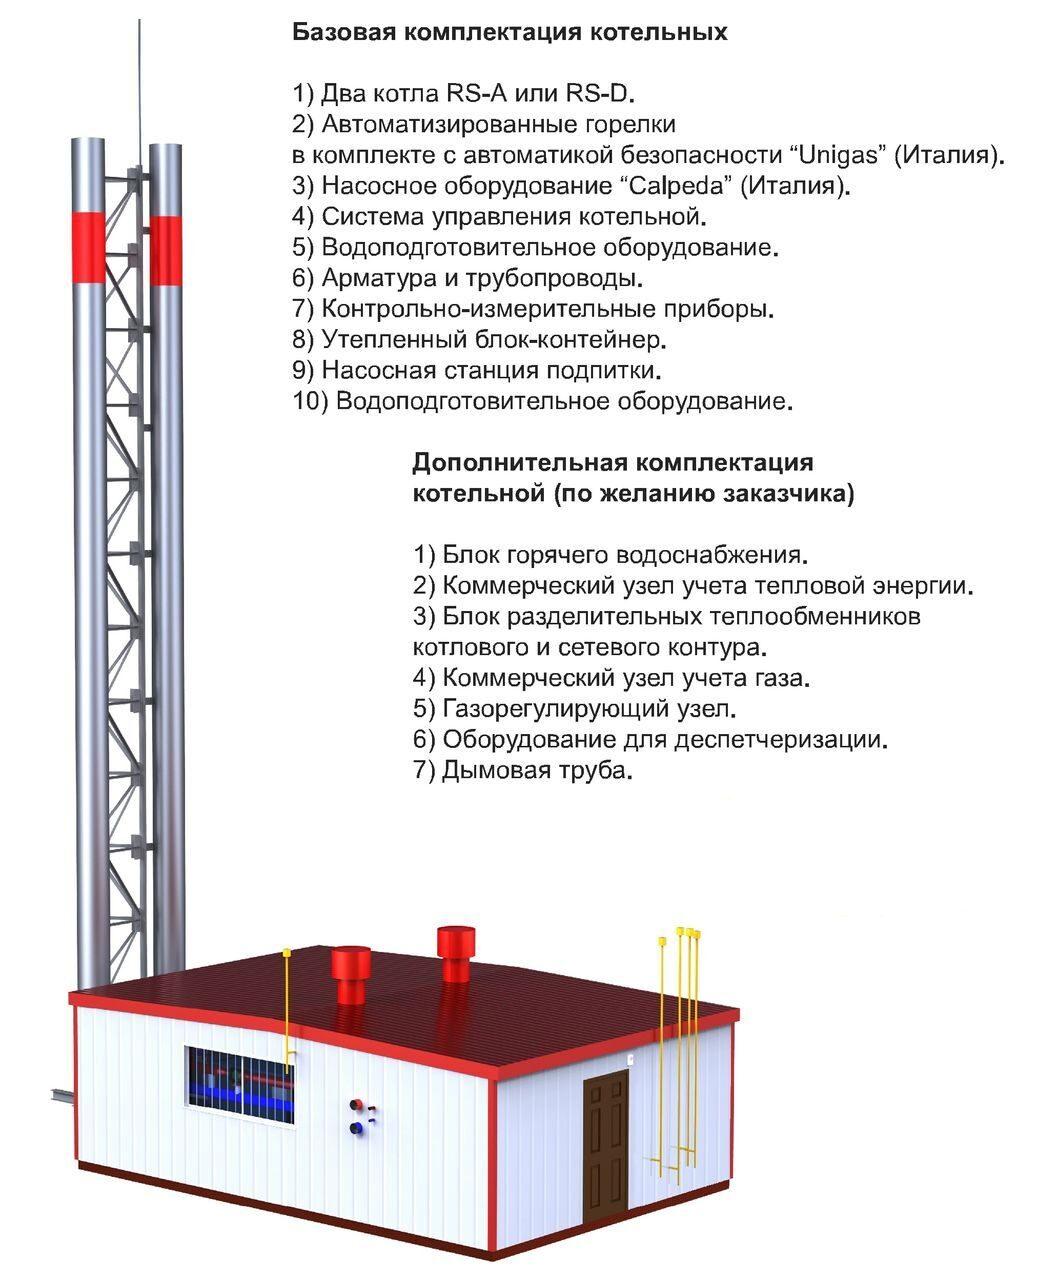 конкурсная документация на строительство блочно модульной котельной мощностью 12 мвт